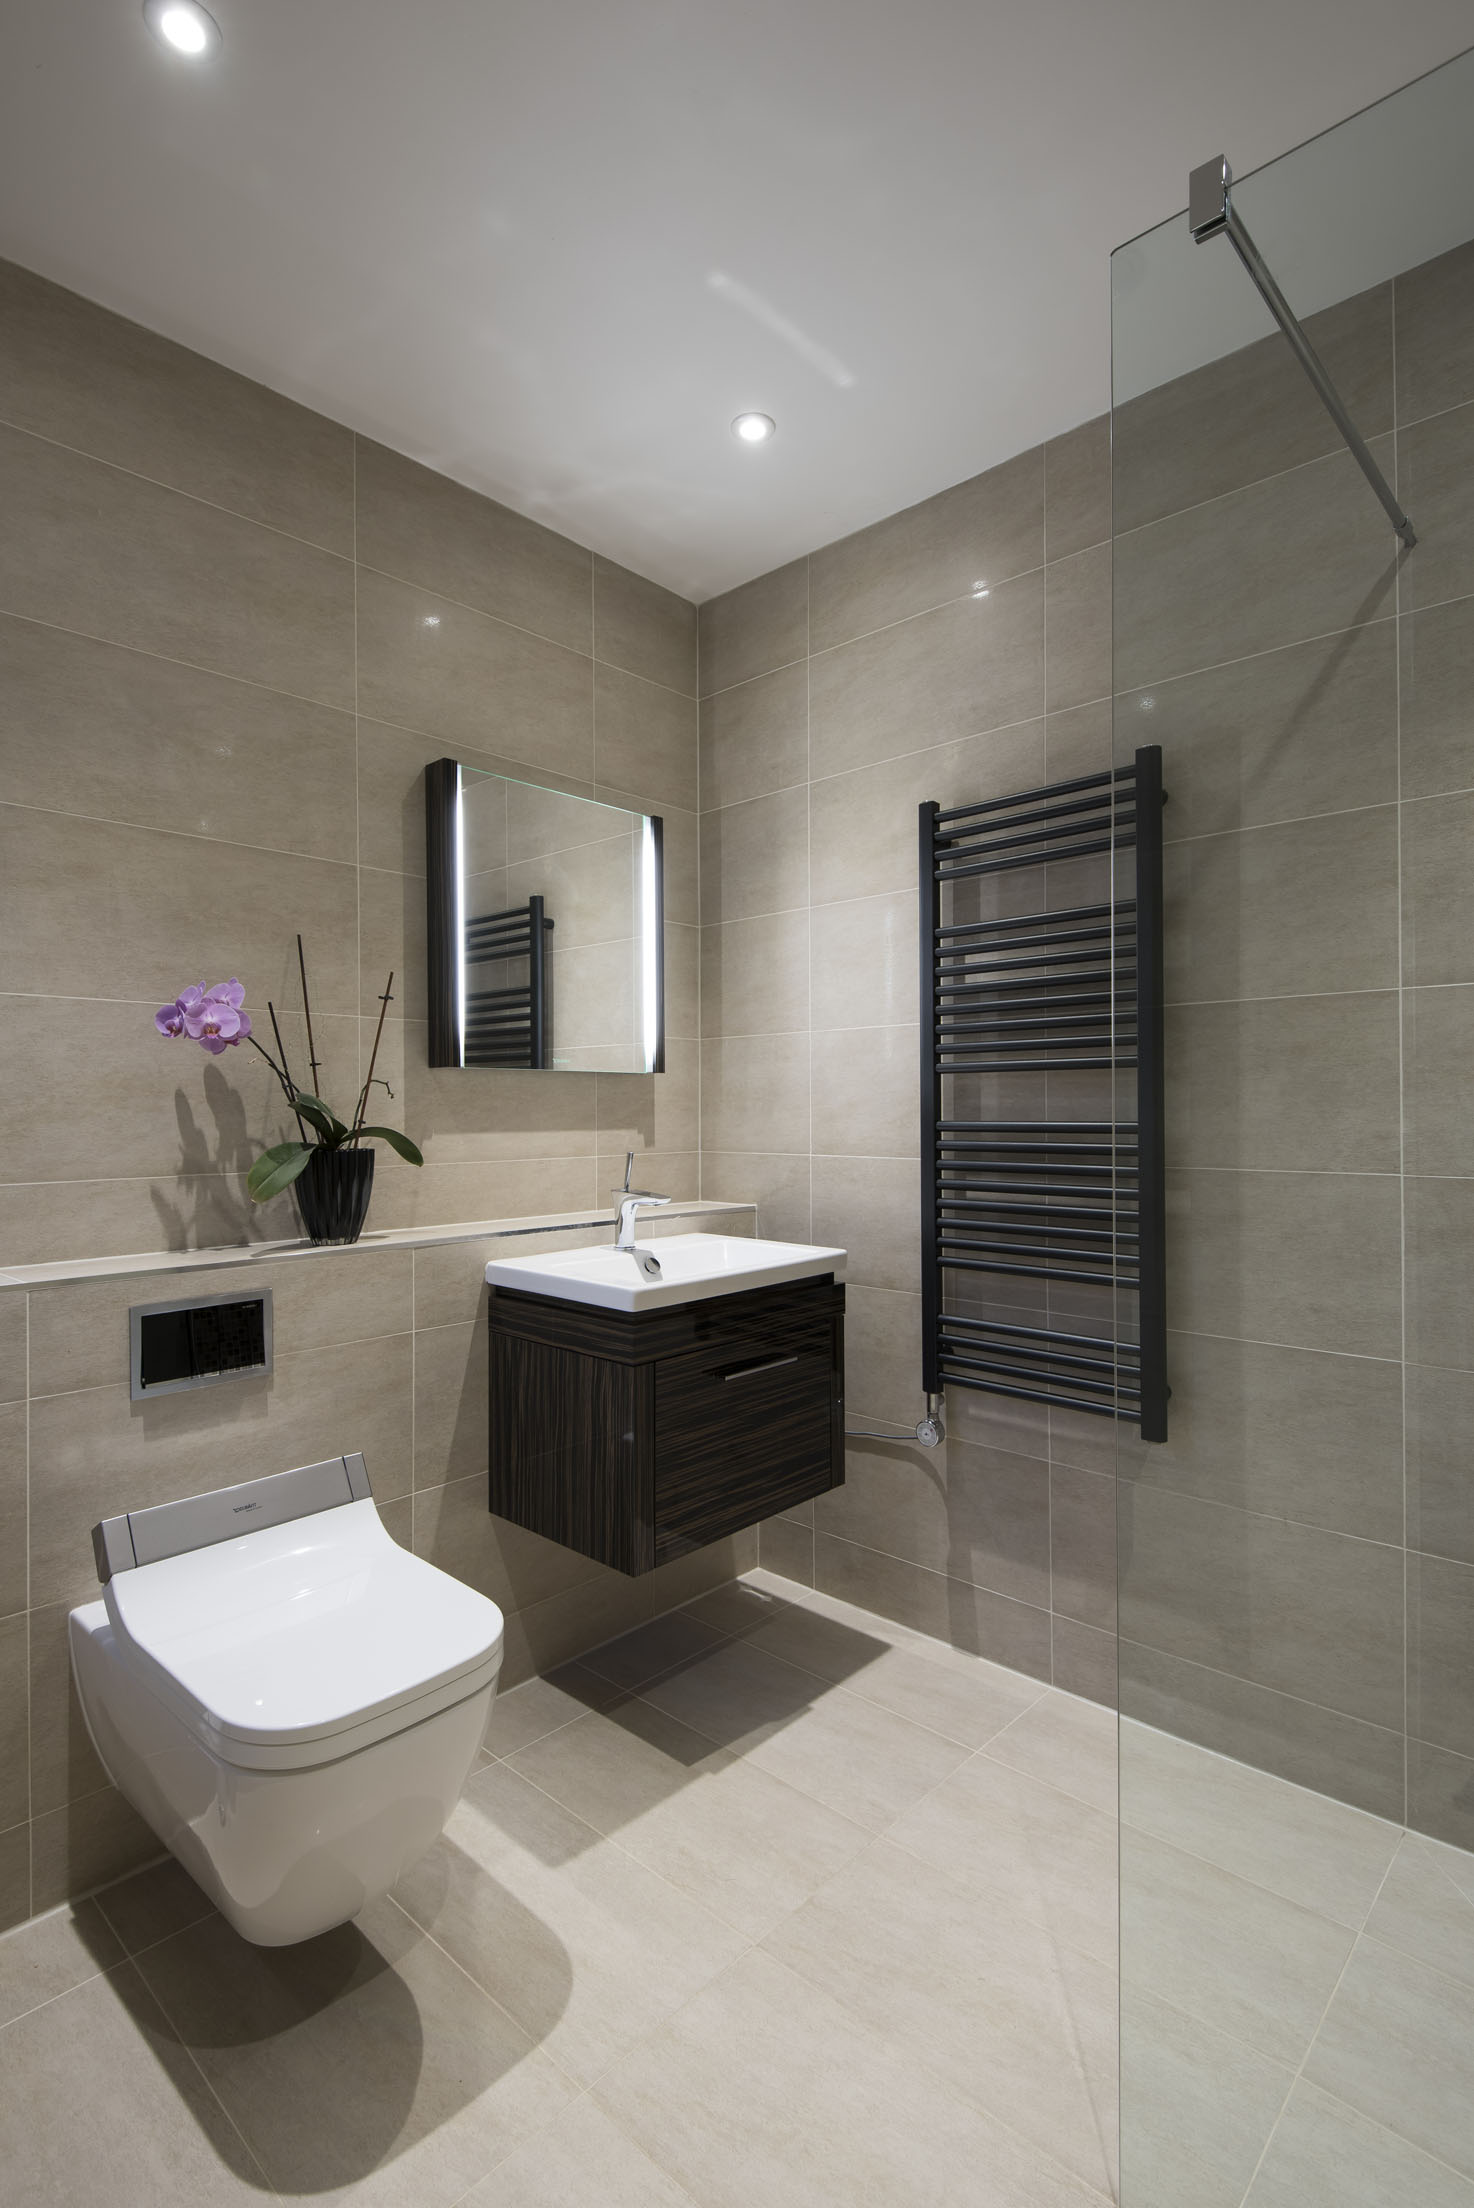 Bawnmore Bathrooms & Bedrooms